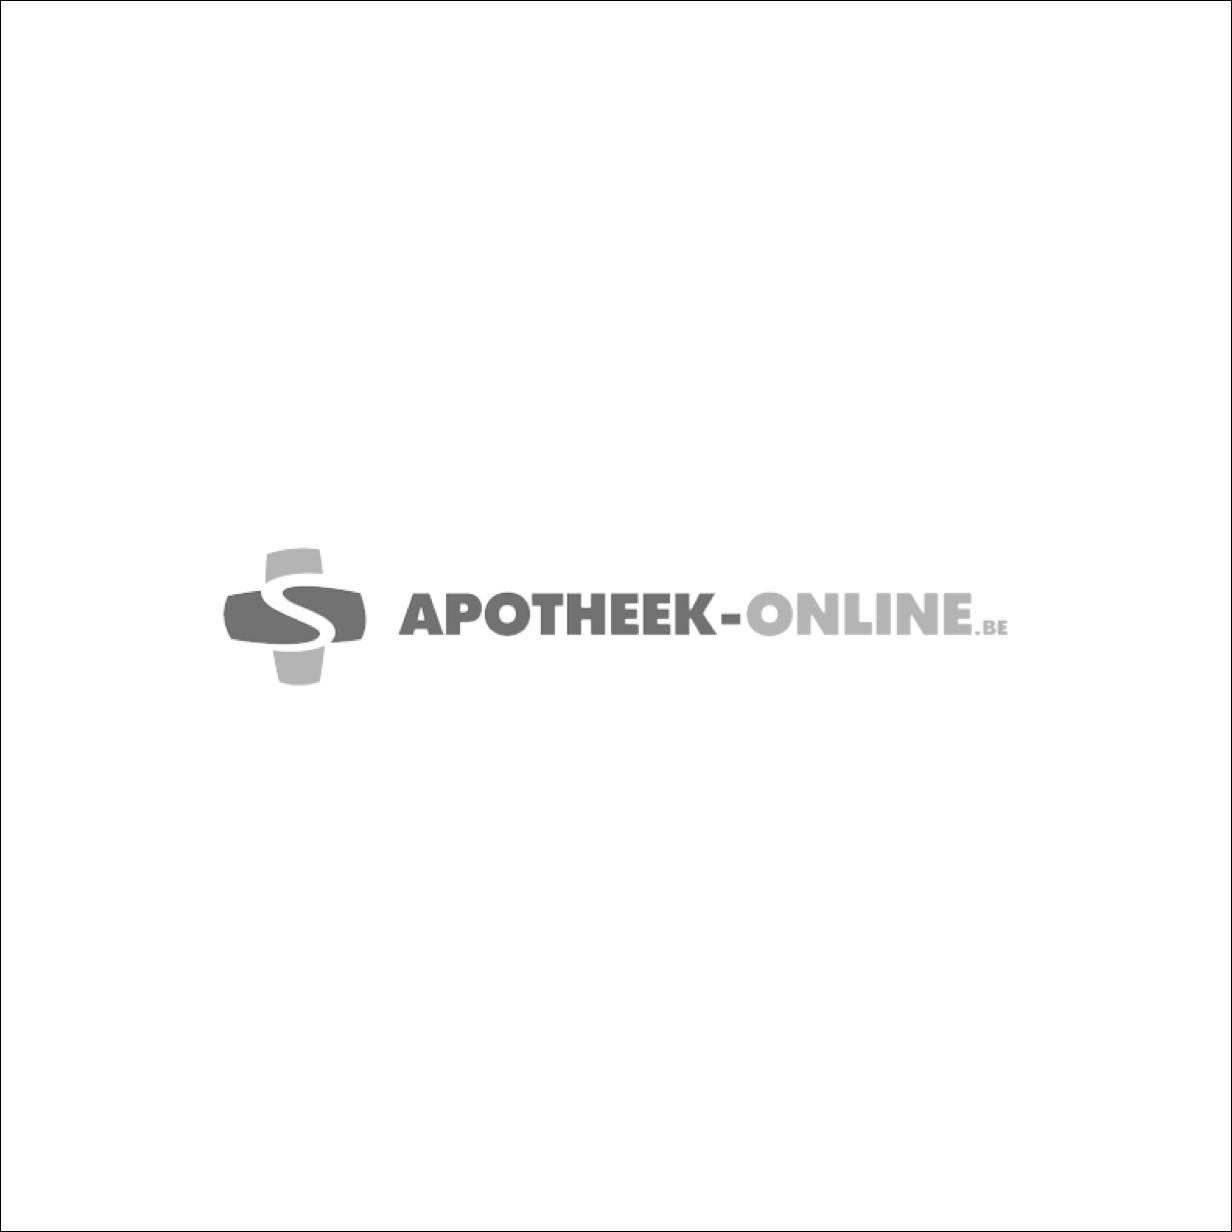 MEMORYFORCE CAPS 60